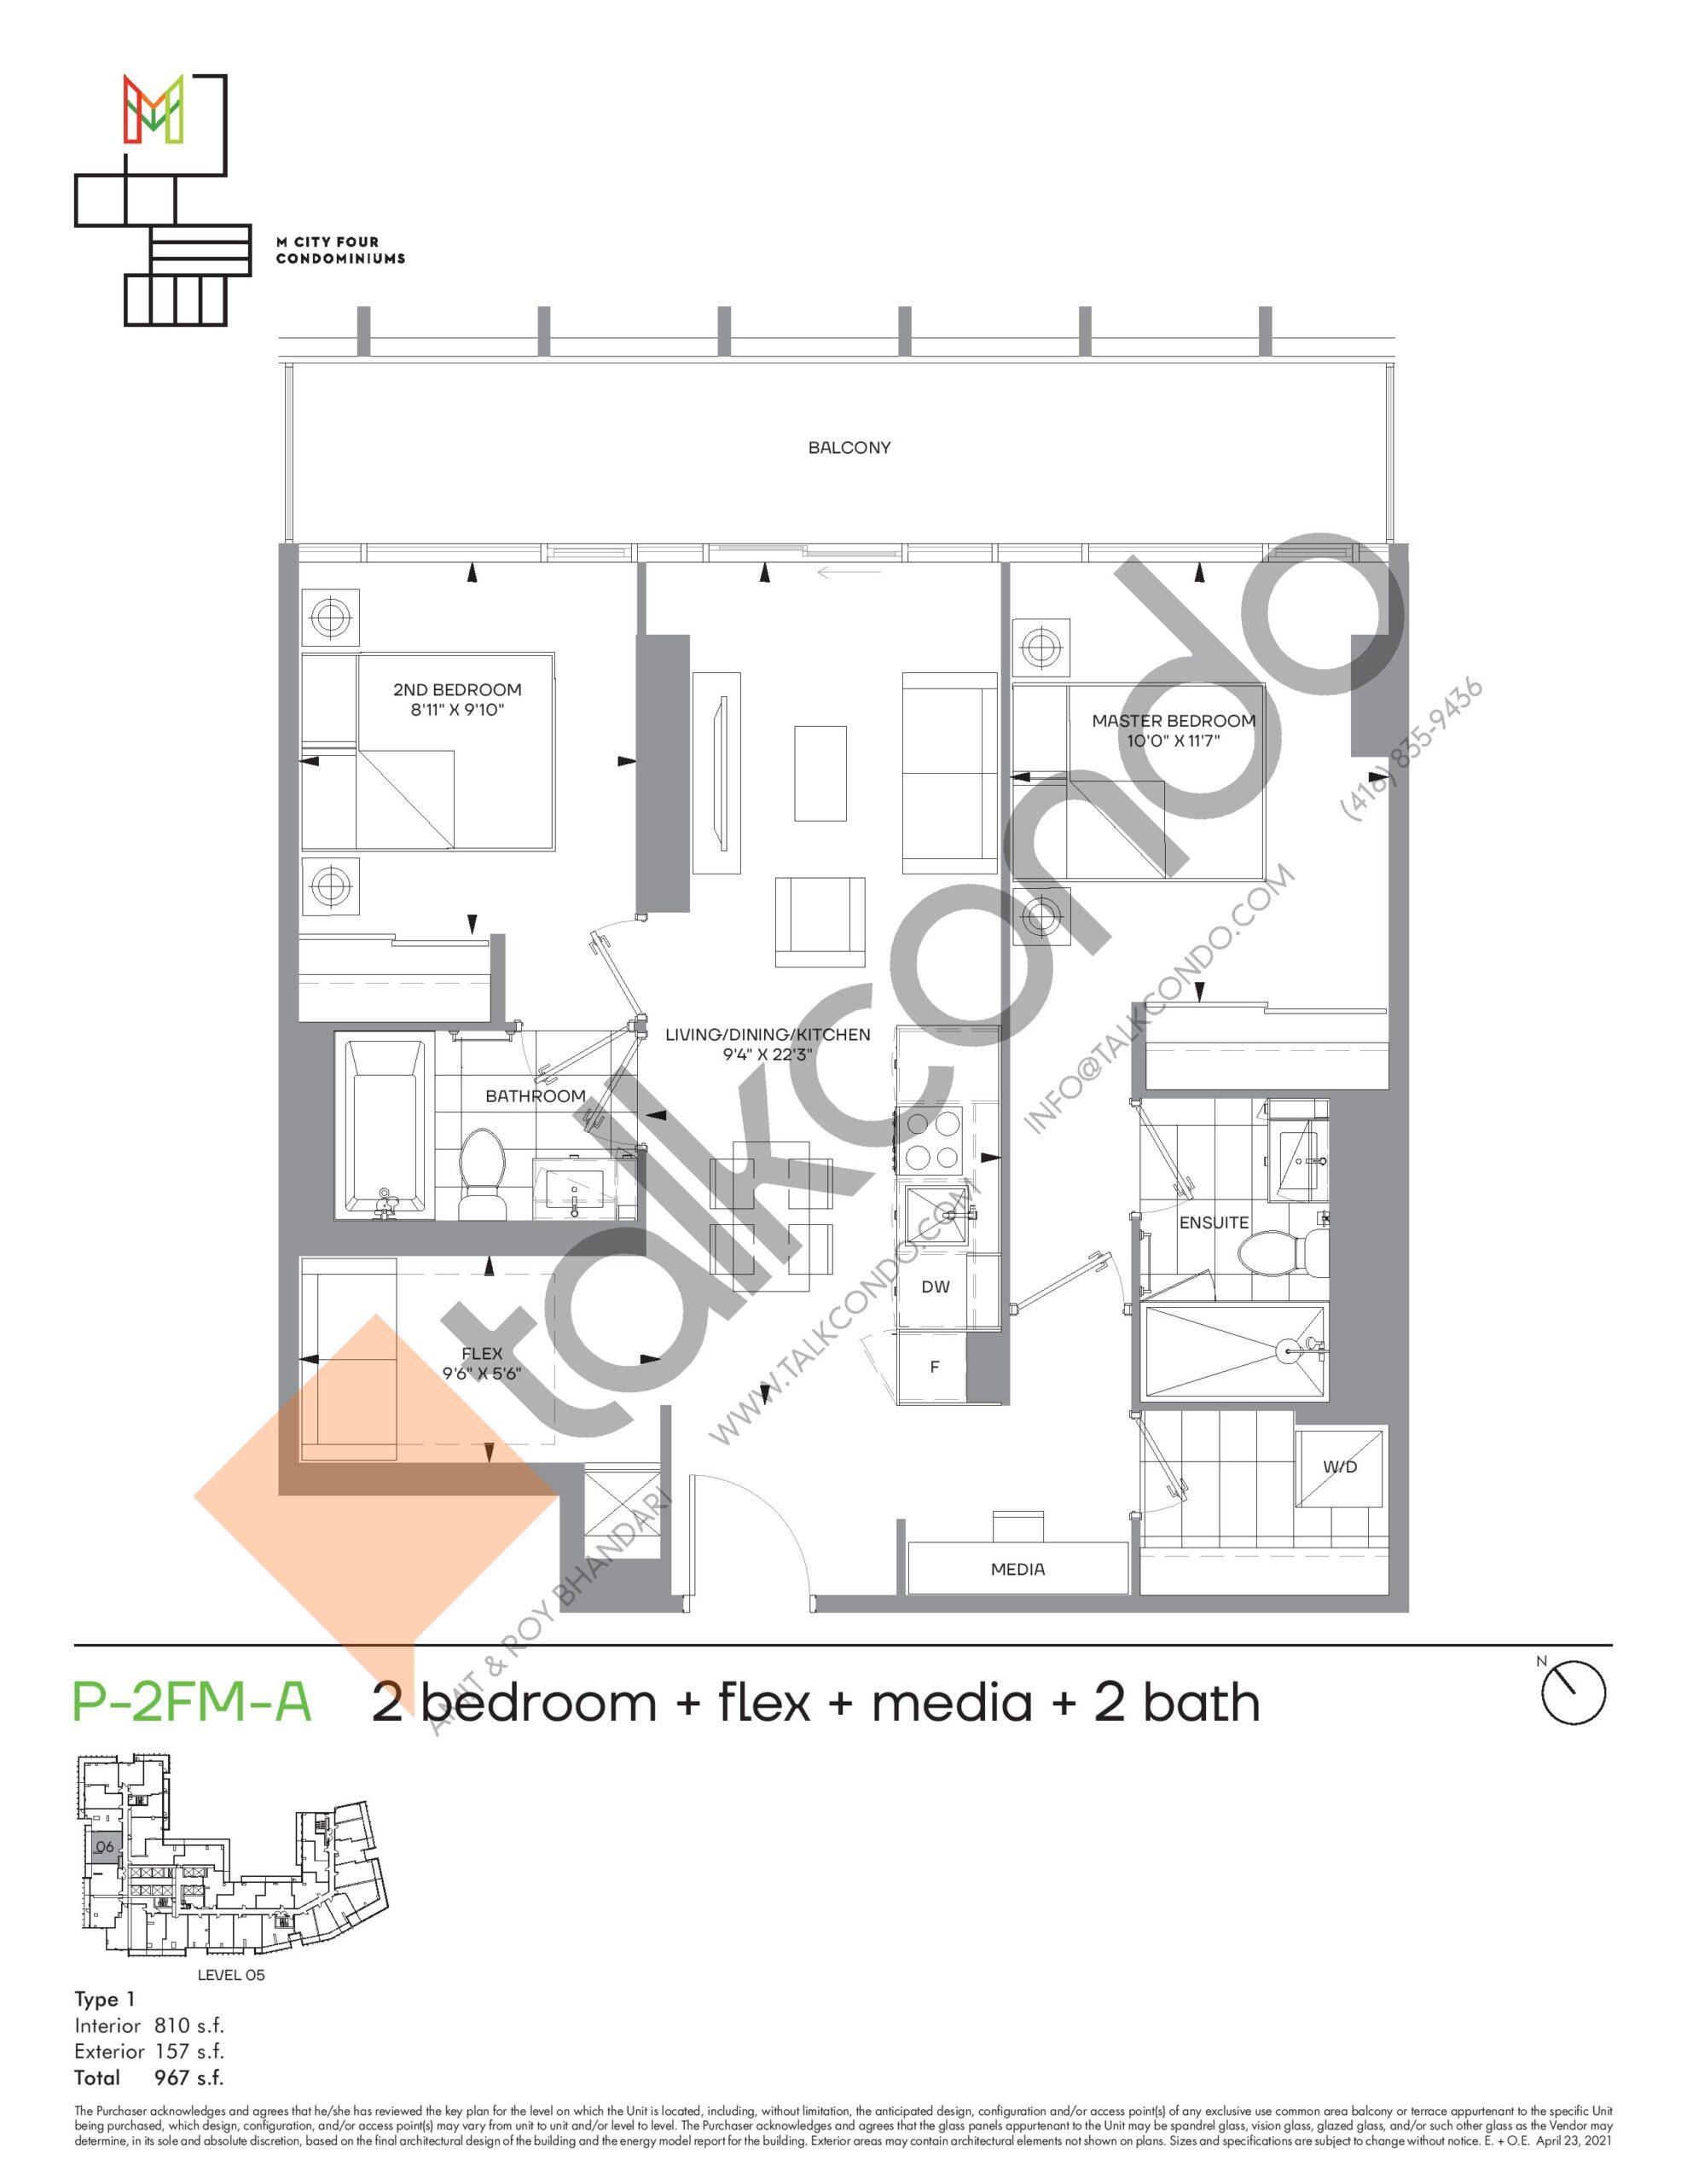 P-2FM-A (Podium) Floor Plan at M4 Condos - 810 sq.ft